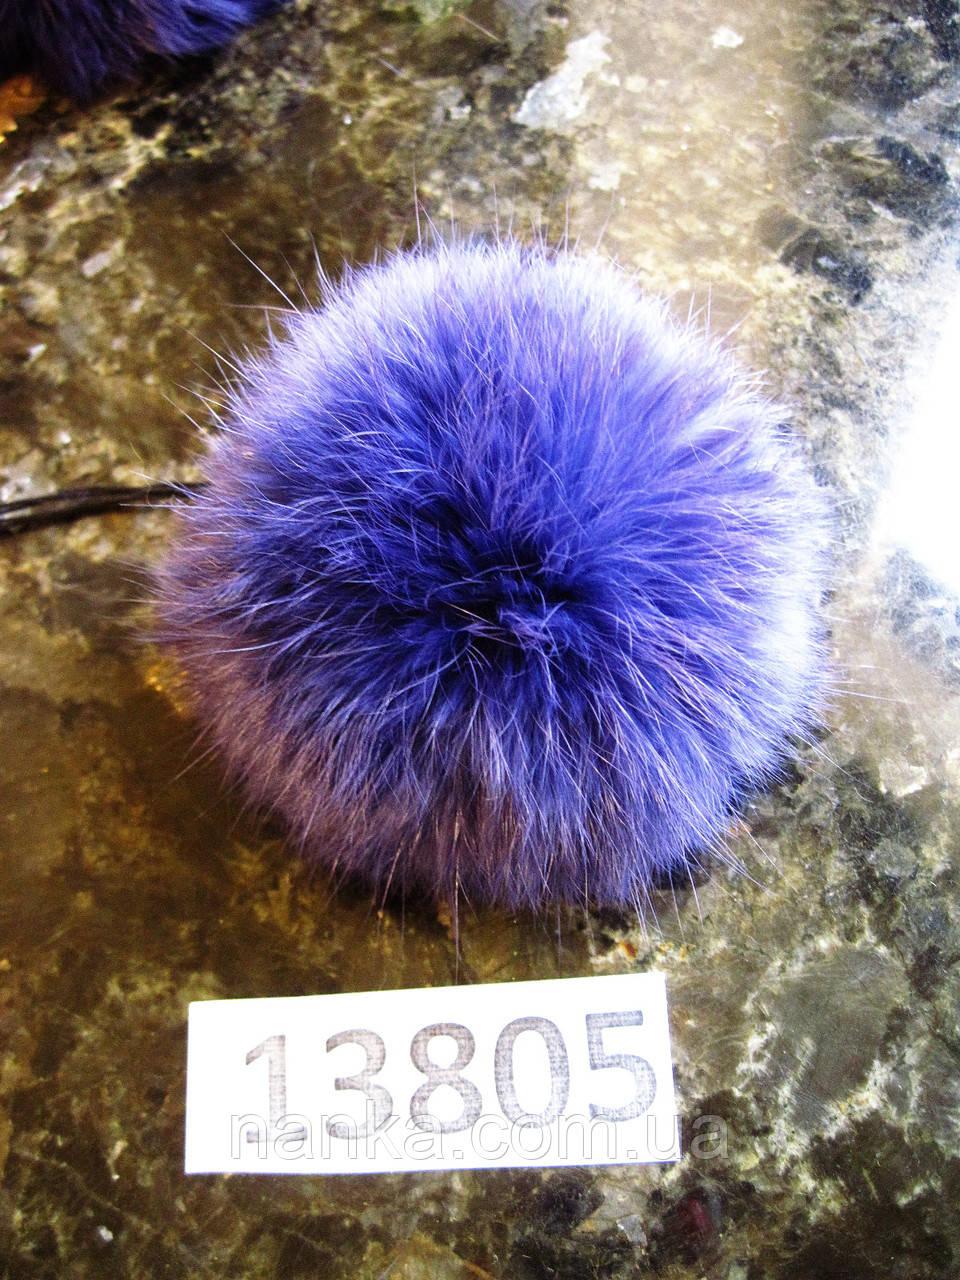 Меховой помпон Кролик, Фиолет, 10 см, 13805